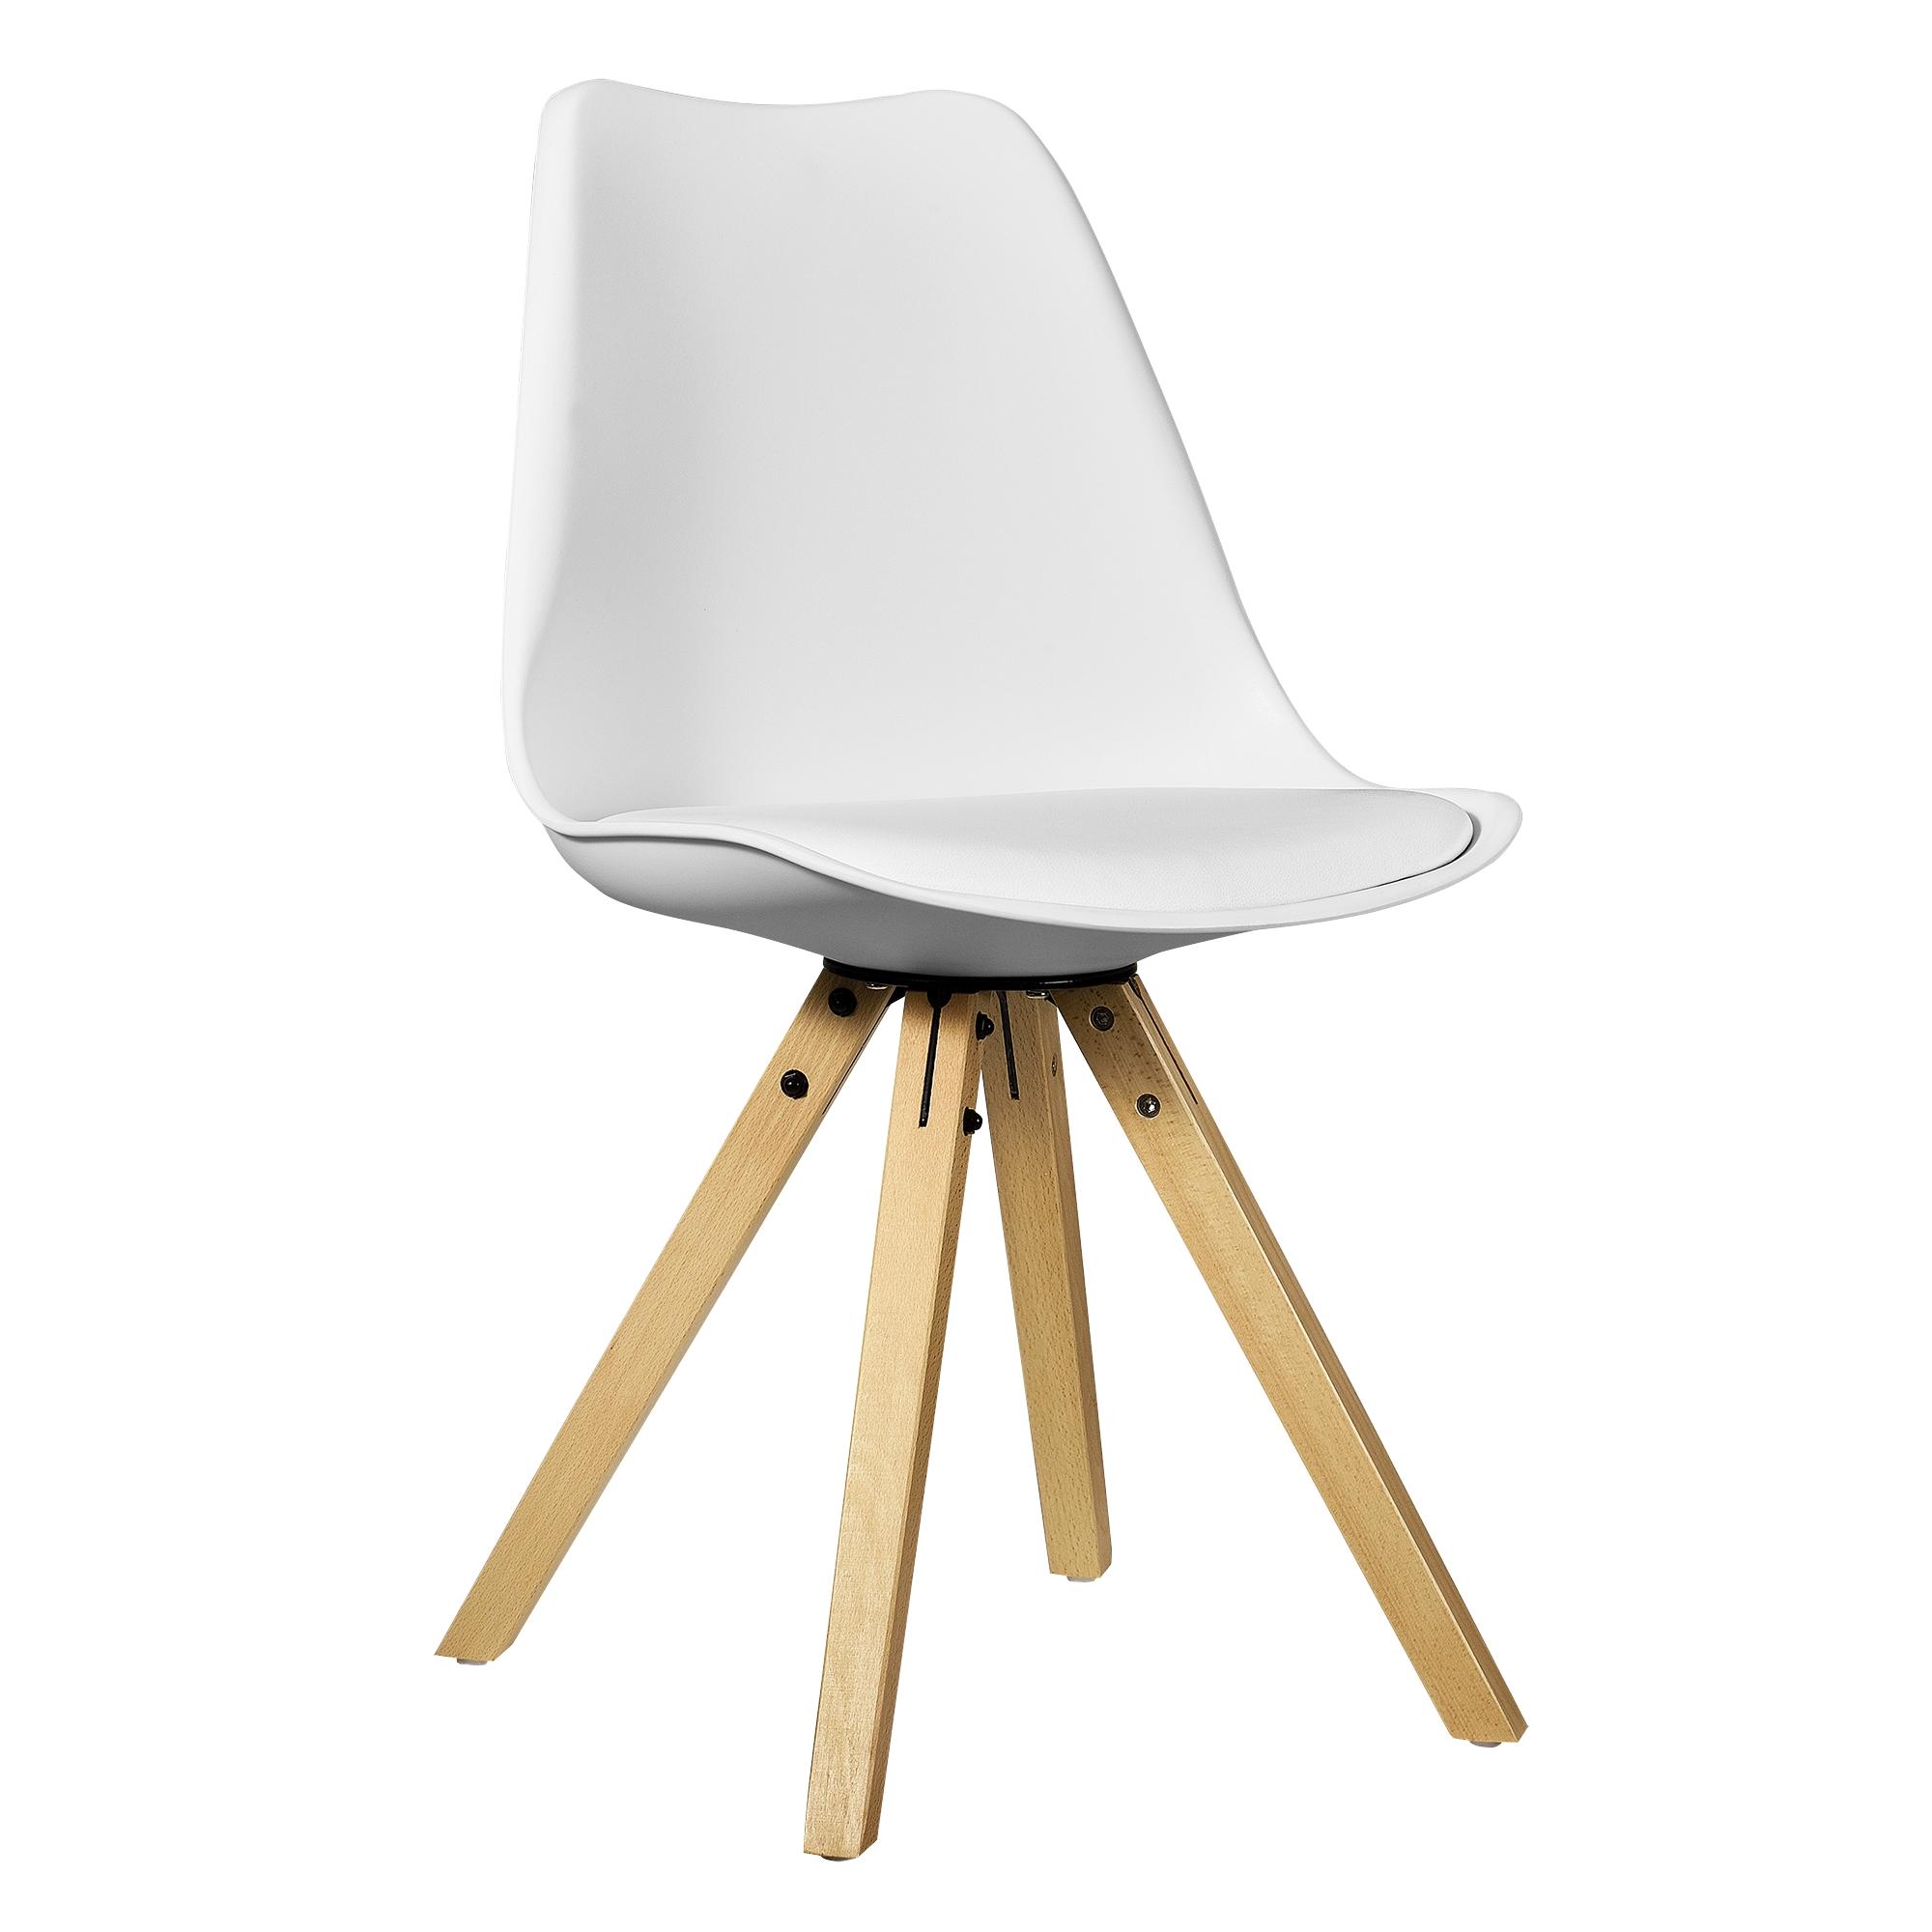 Design Stühle Holz en casa 2x design stühle esszimmer stuhl holz kunststoff kunst leder plastik ebay